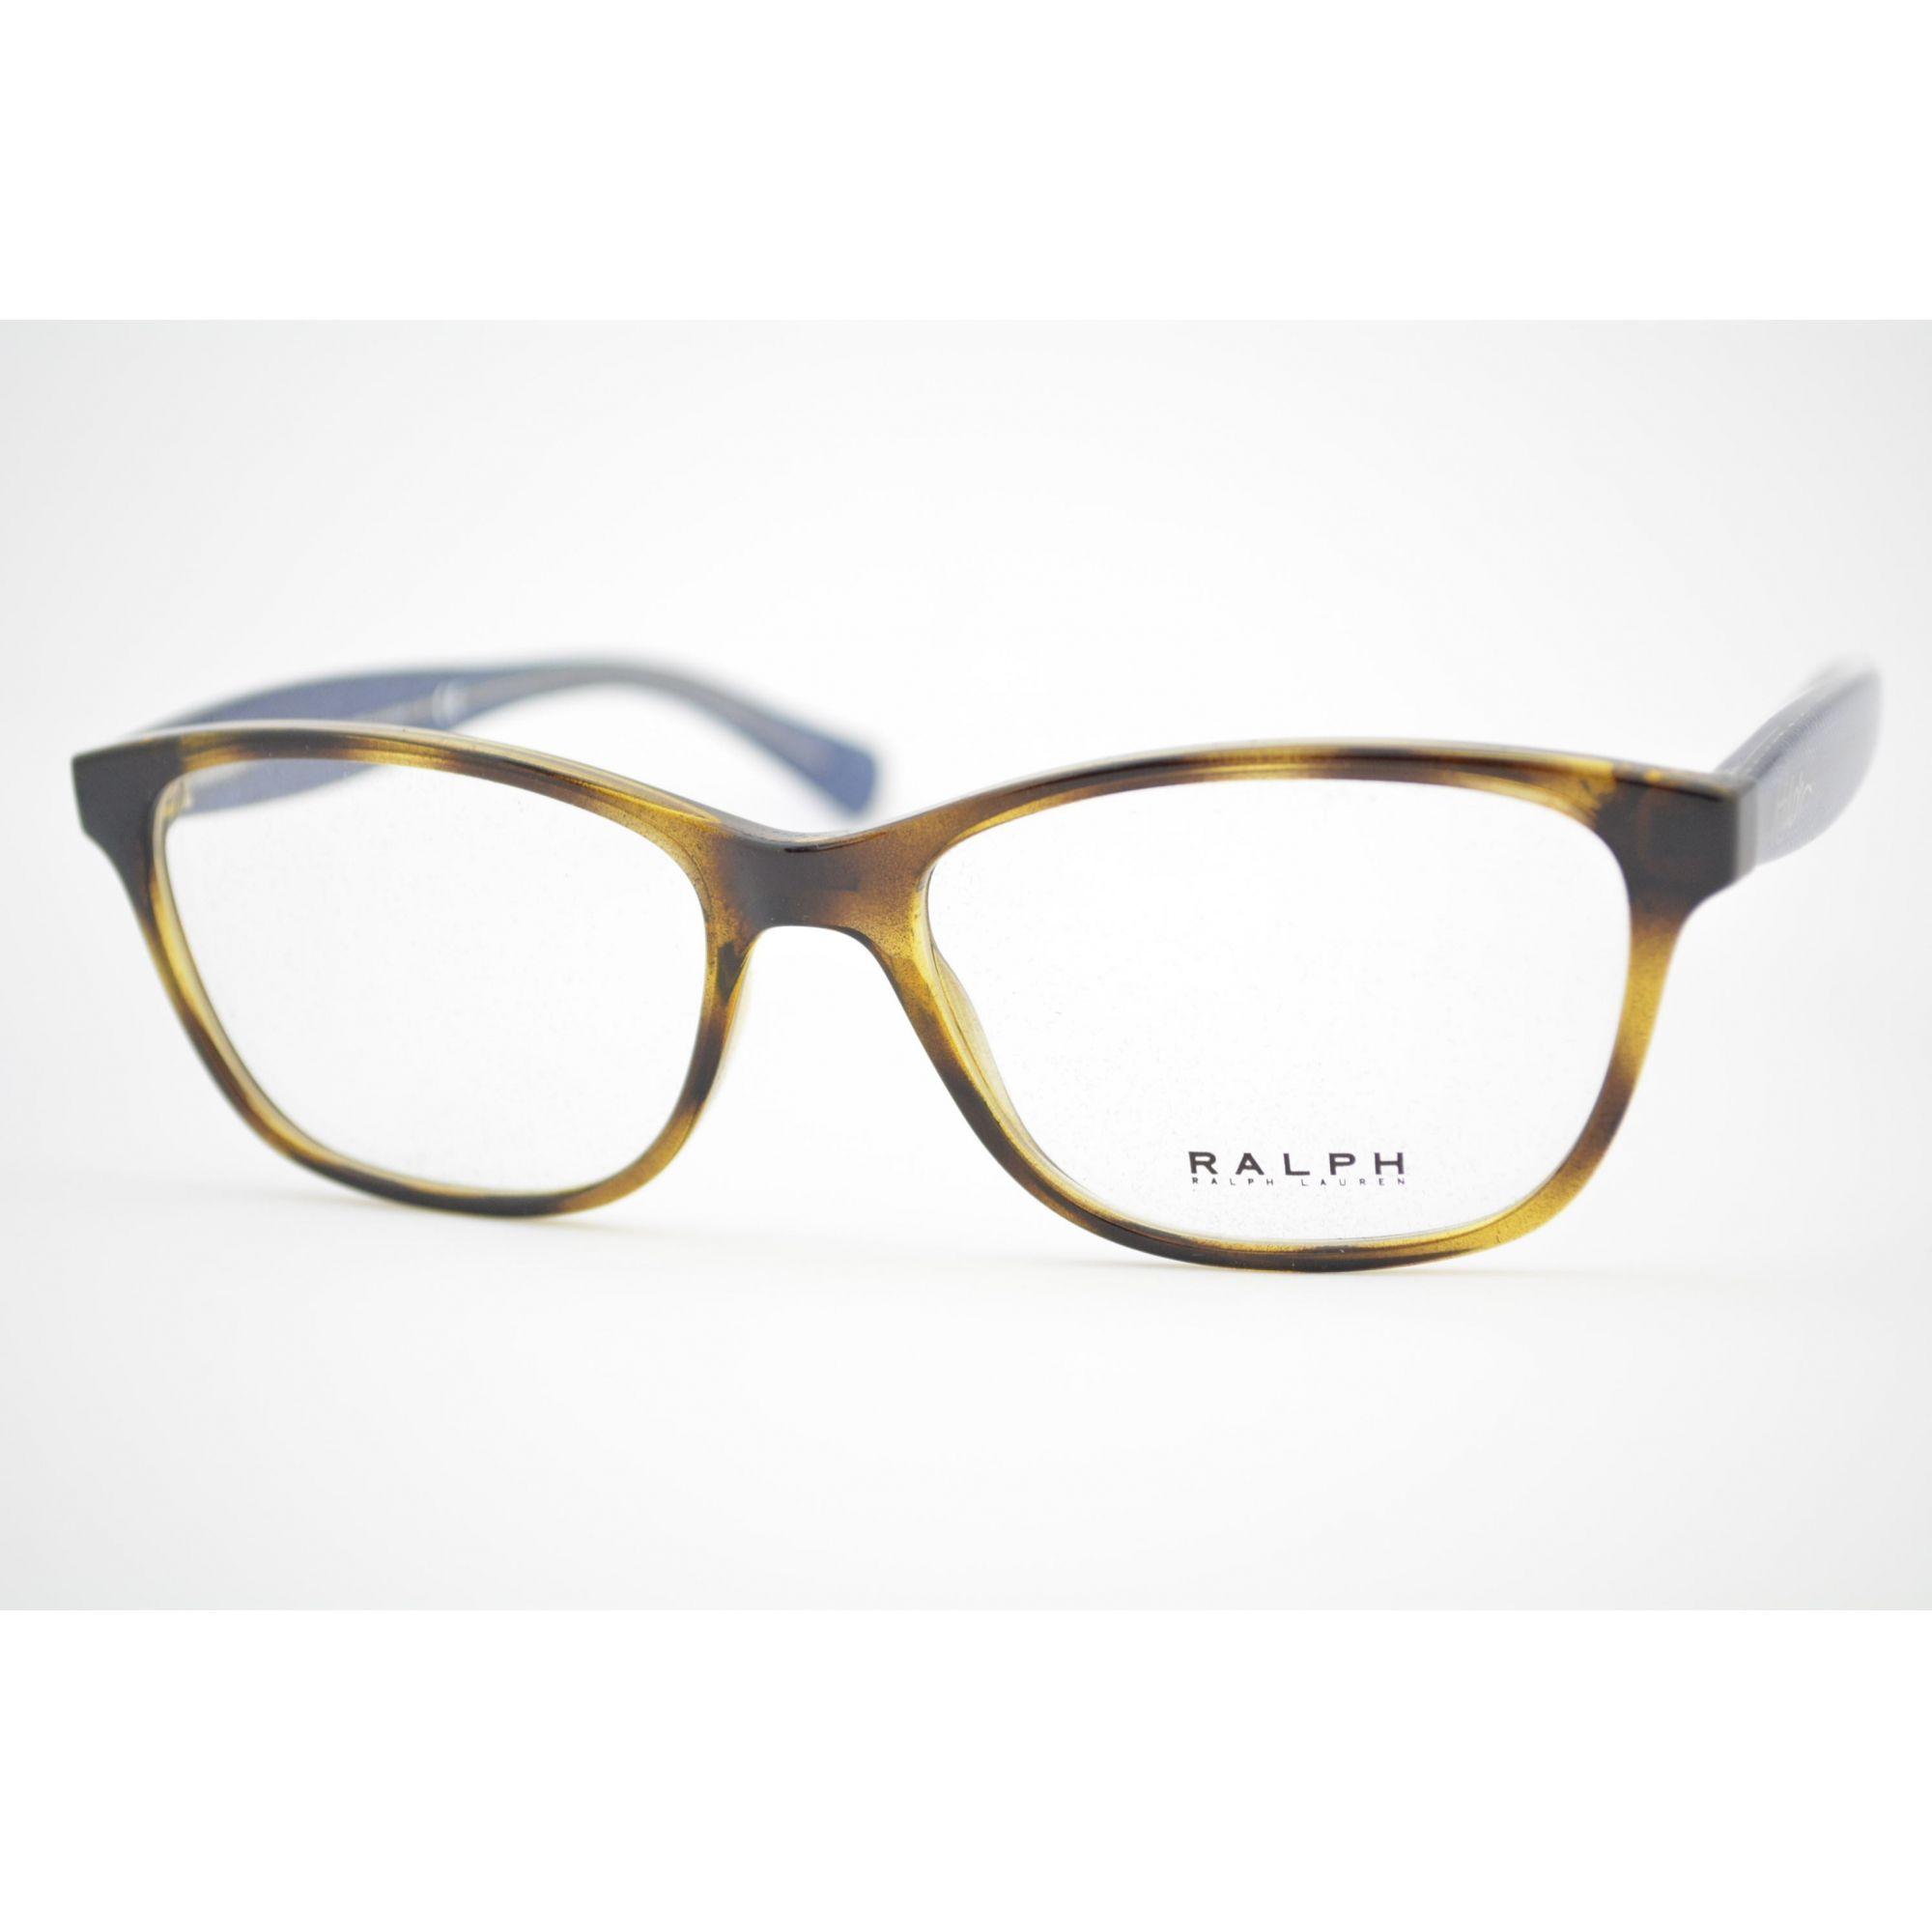 bfc639b987c0 Armação De Óculos Ralph Lauren Ra 7083 502 - Omega Ótica e Relojoaria